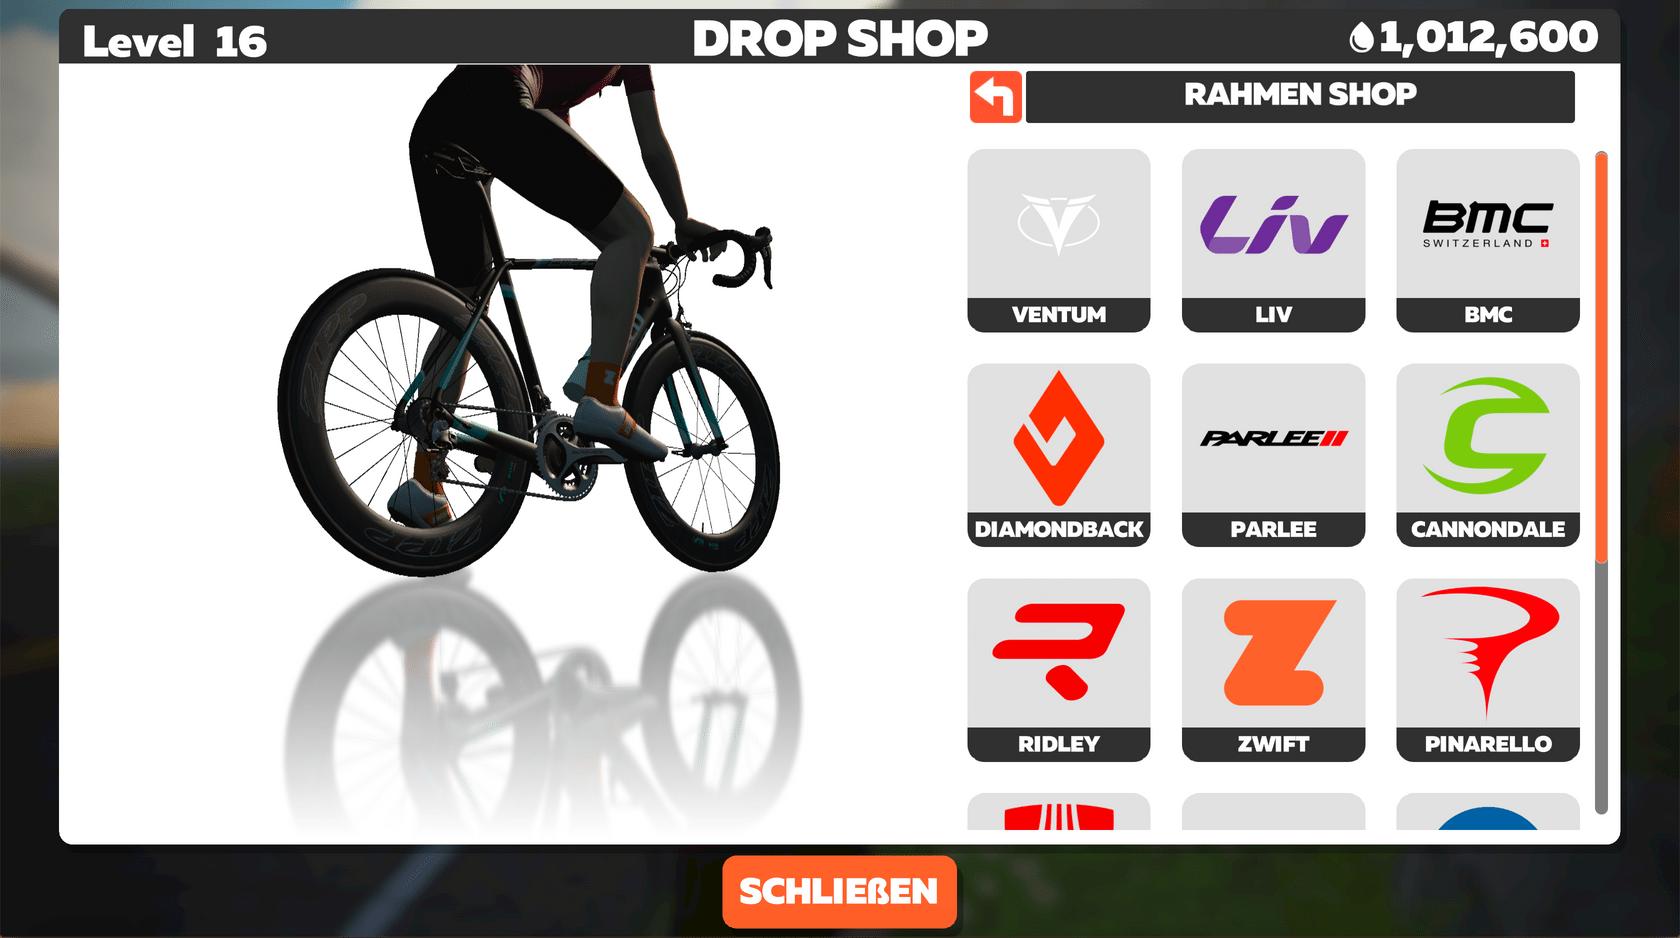 Drop Shop Rahmen Shop